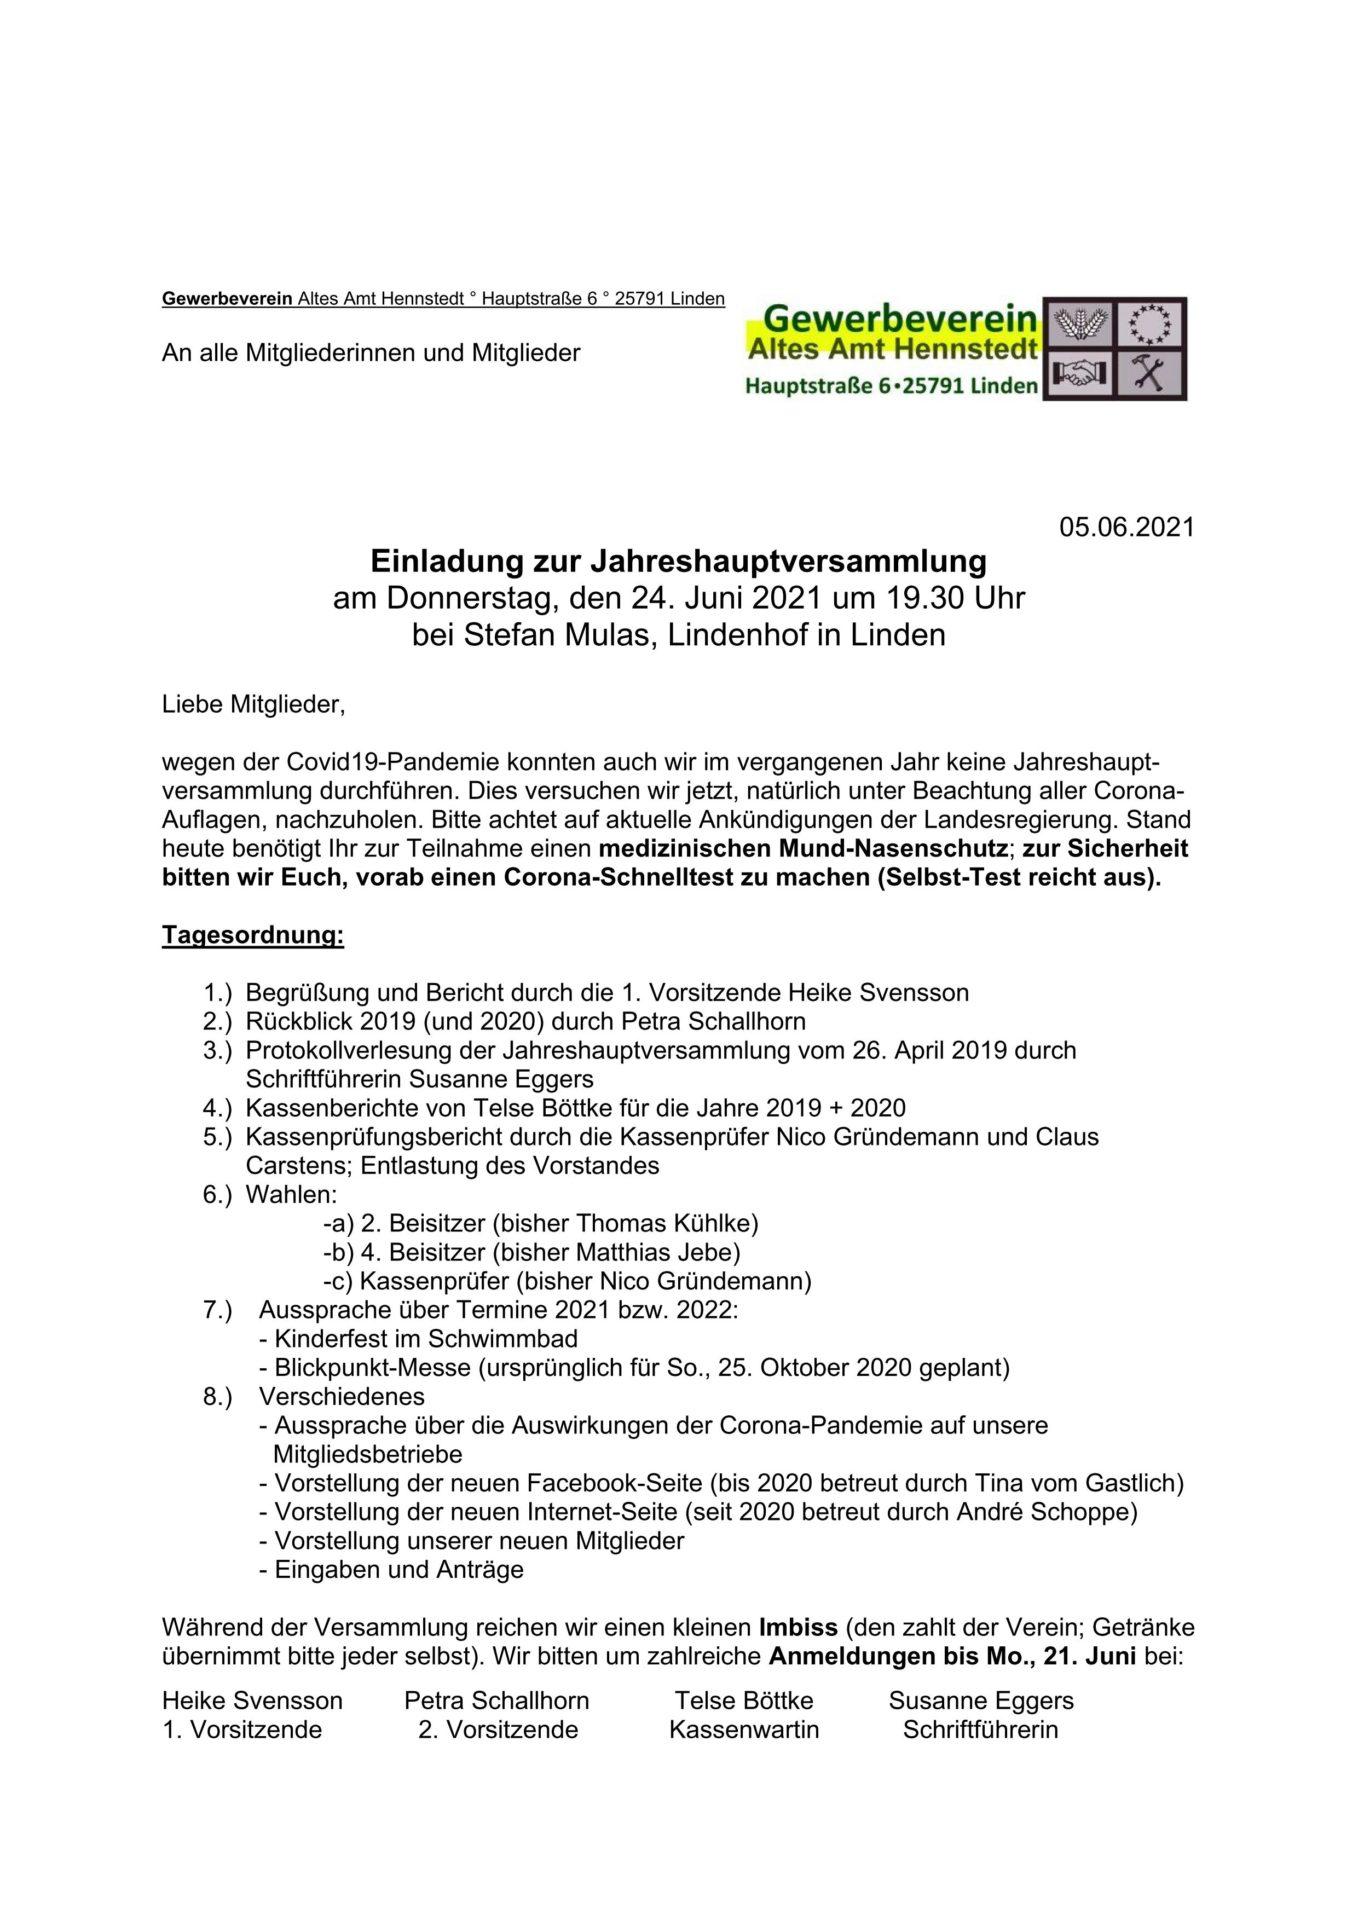 Einladung zur Jahreshauptversammlung am 24.06.